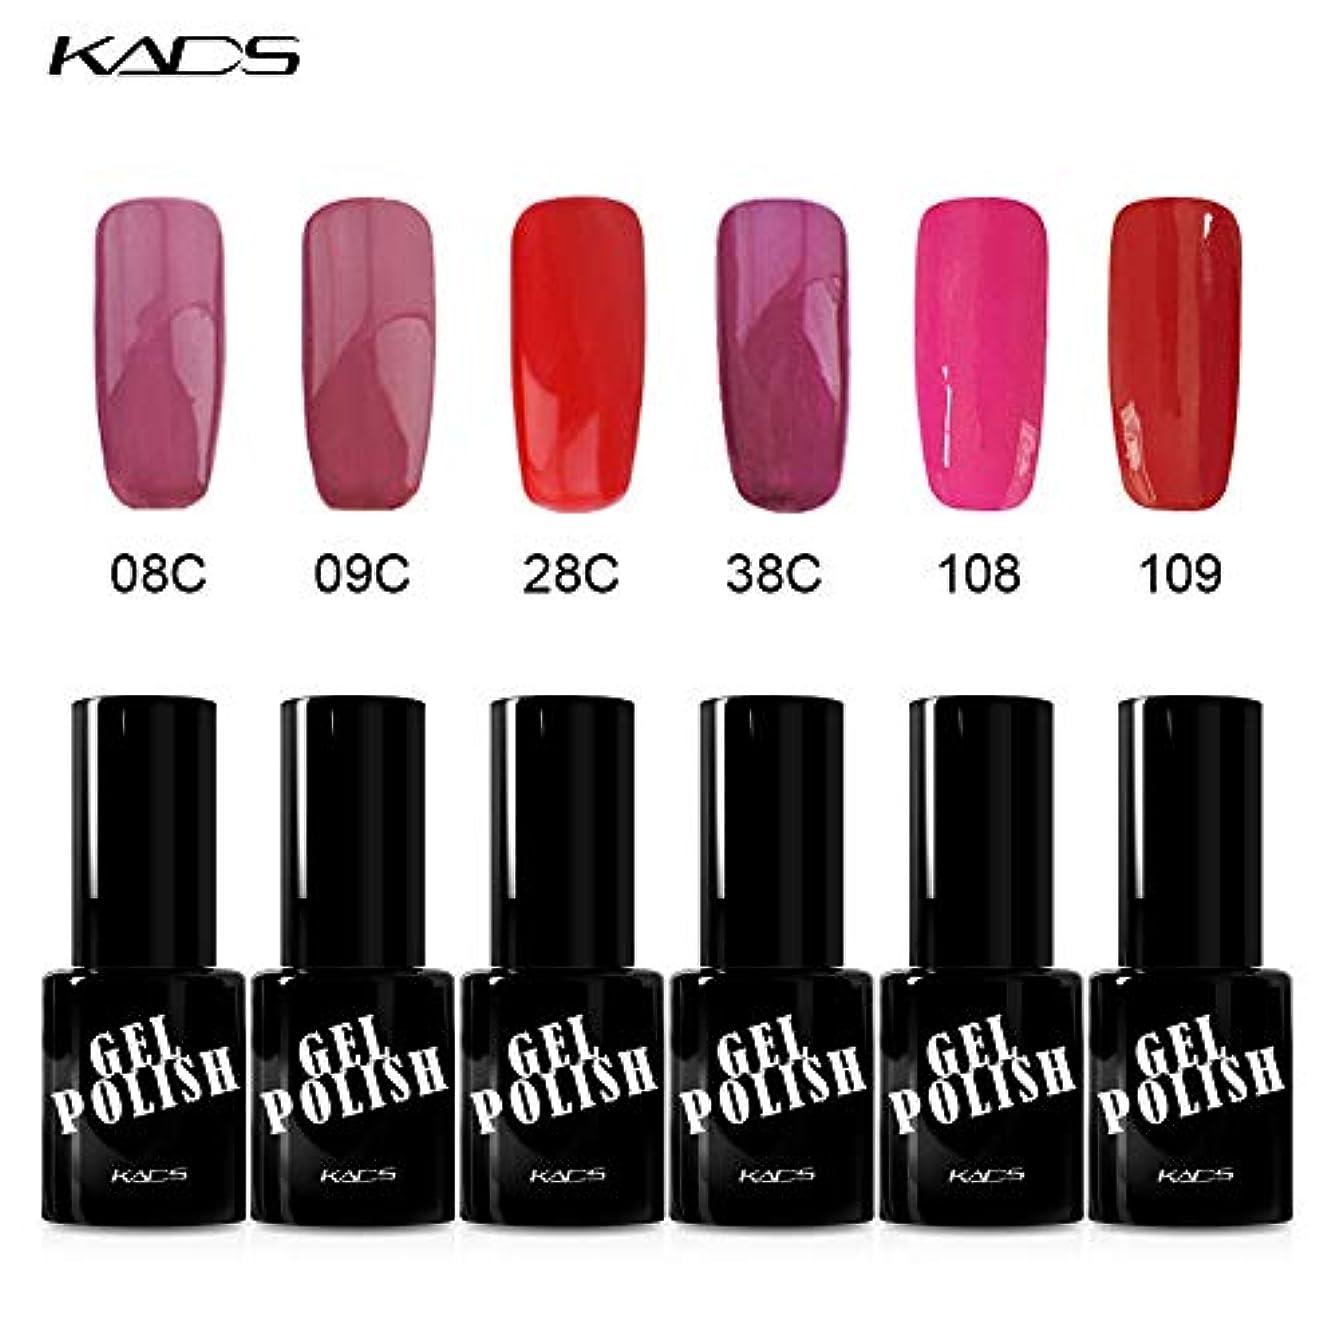 広まった誘惑乱気流KADS ジェルネイルカラーポリッシュ 6色入り UV/LED対応 ピンク/アカ系 マニキュアセット (セット2)